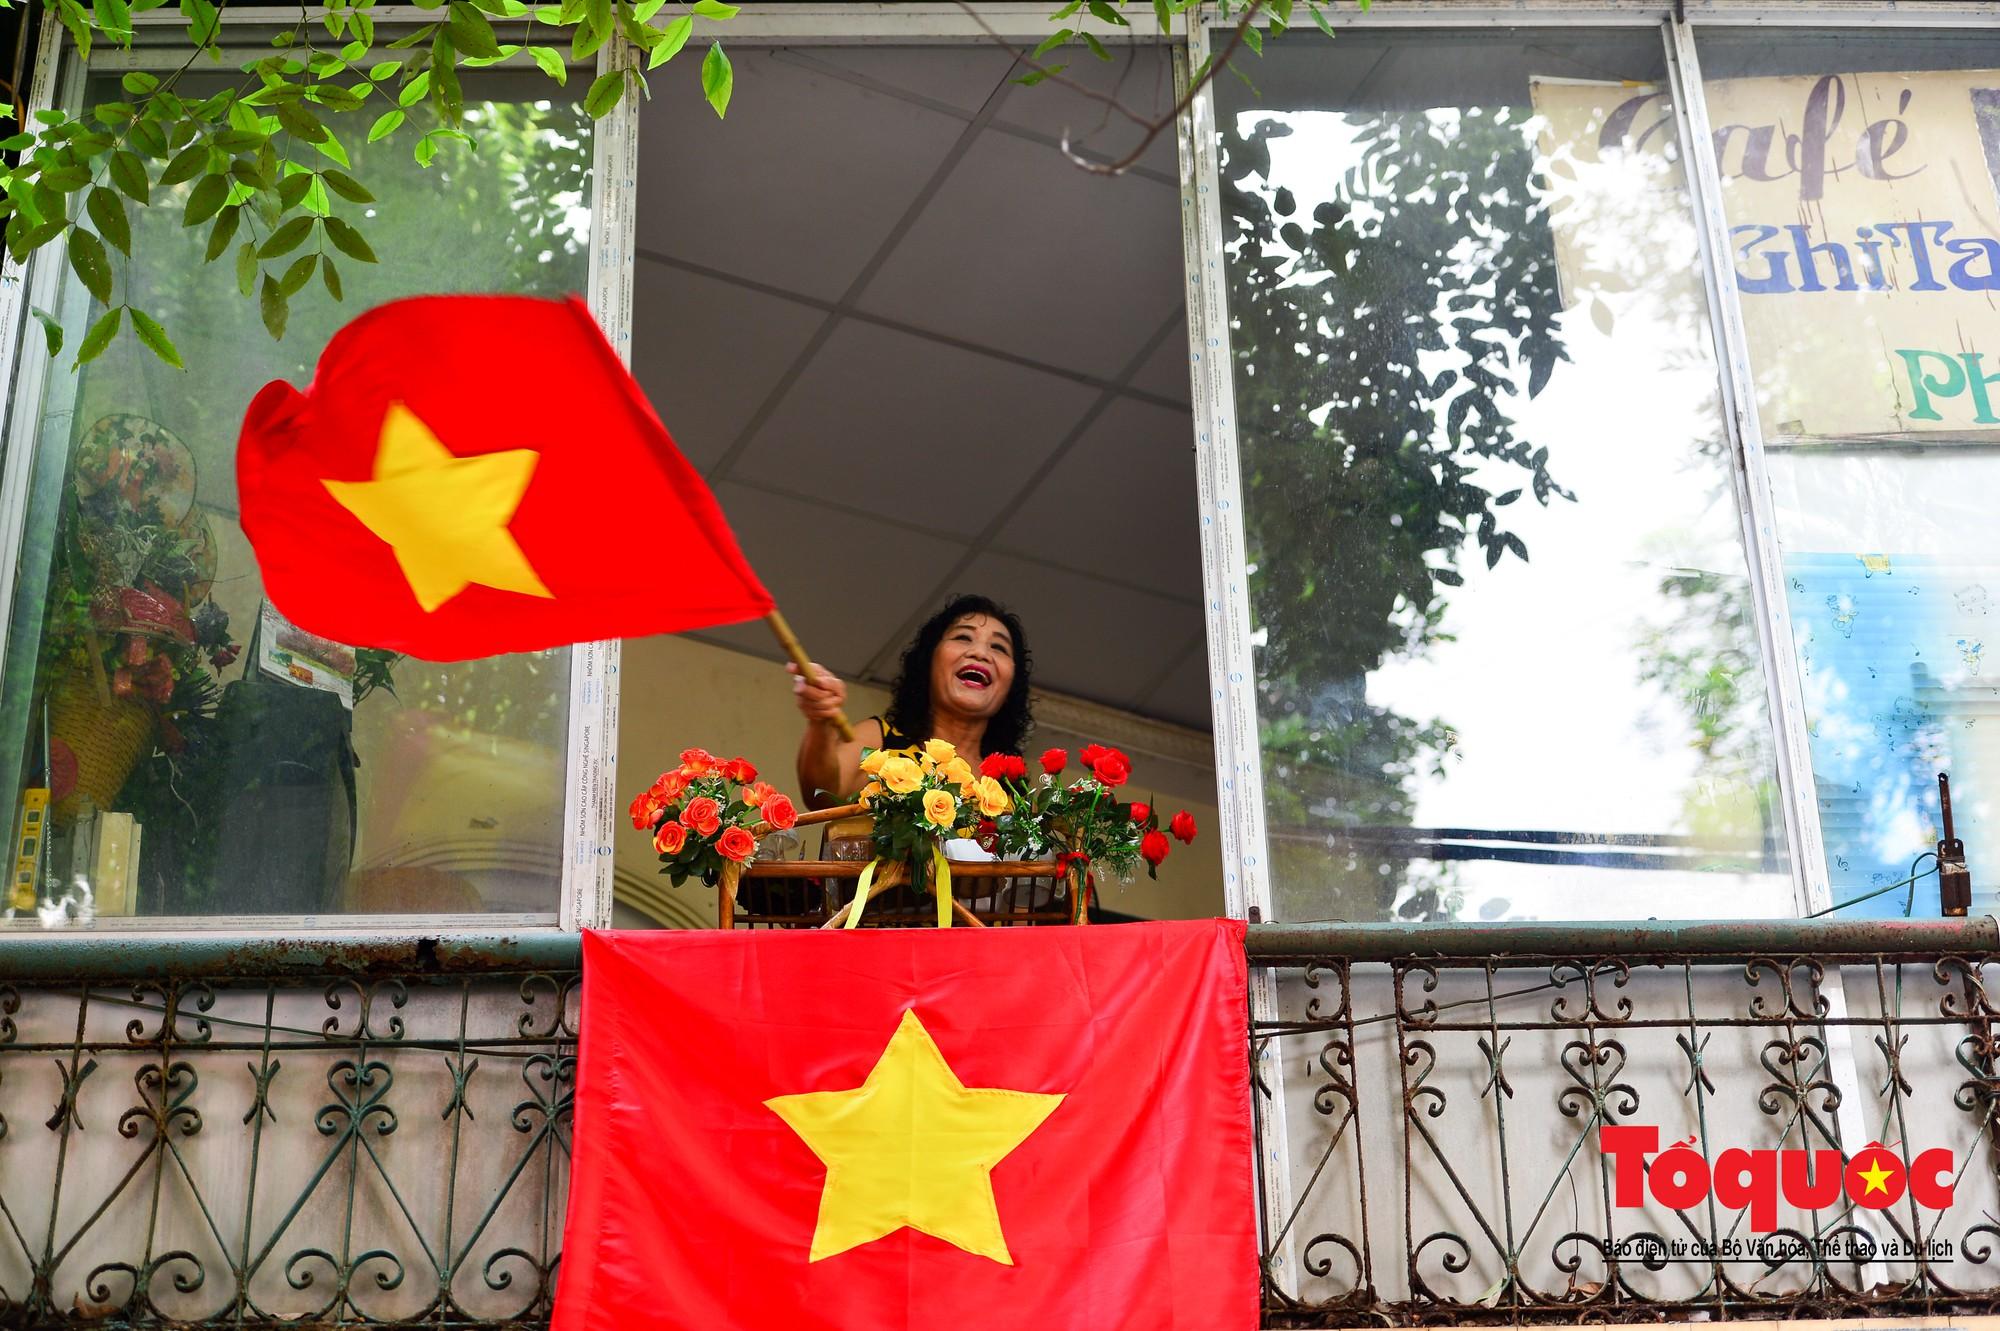 Tái hiện ký ức hào hùng đoàn quân chiến thắng trở về tiếp quản thủ đô Hà Nội 65 năm trước 13